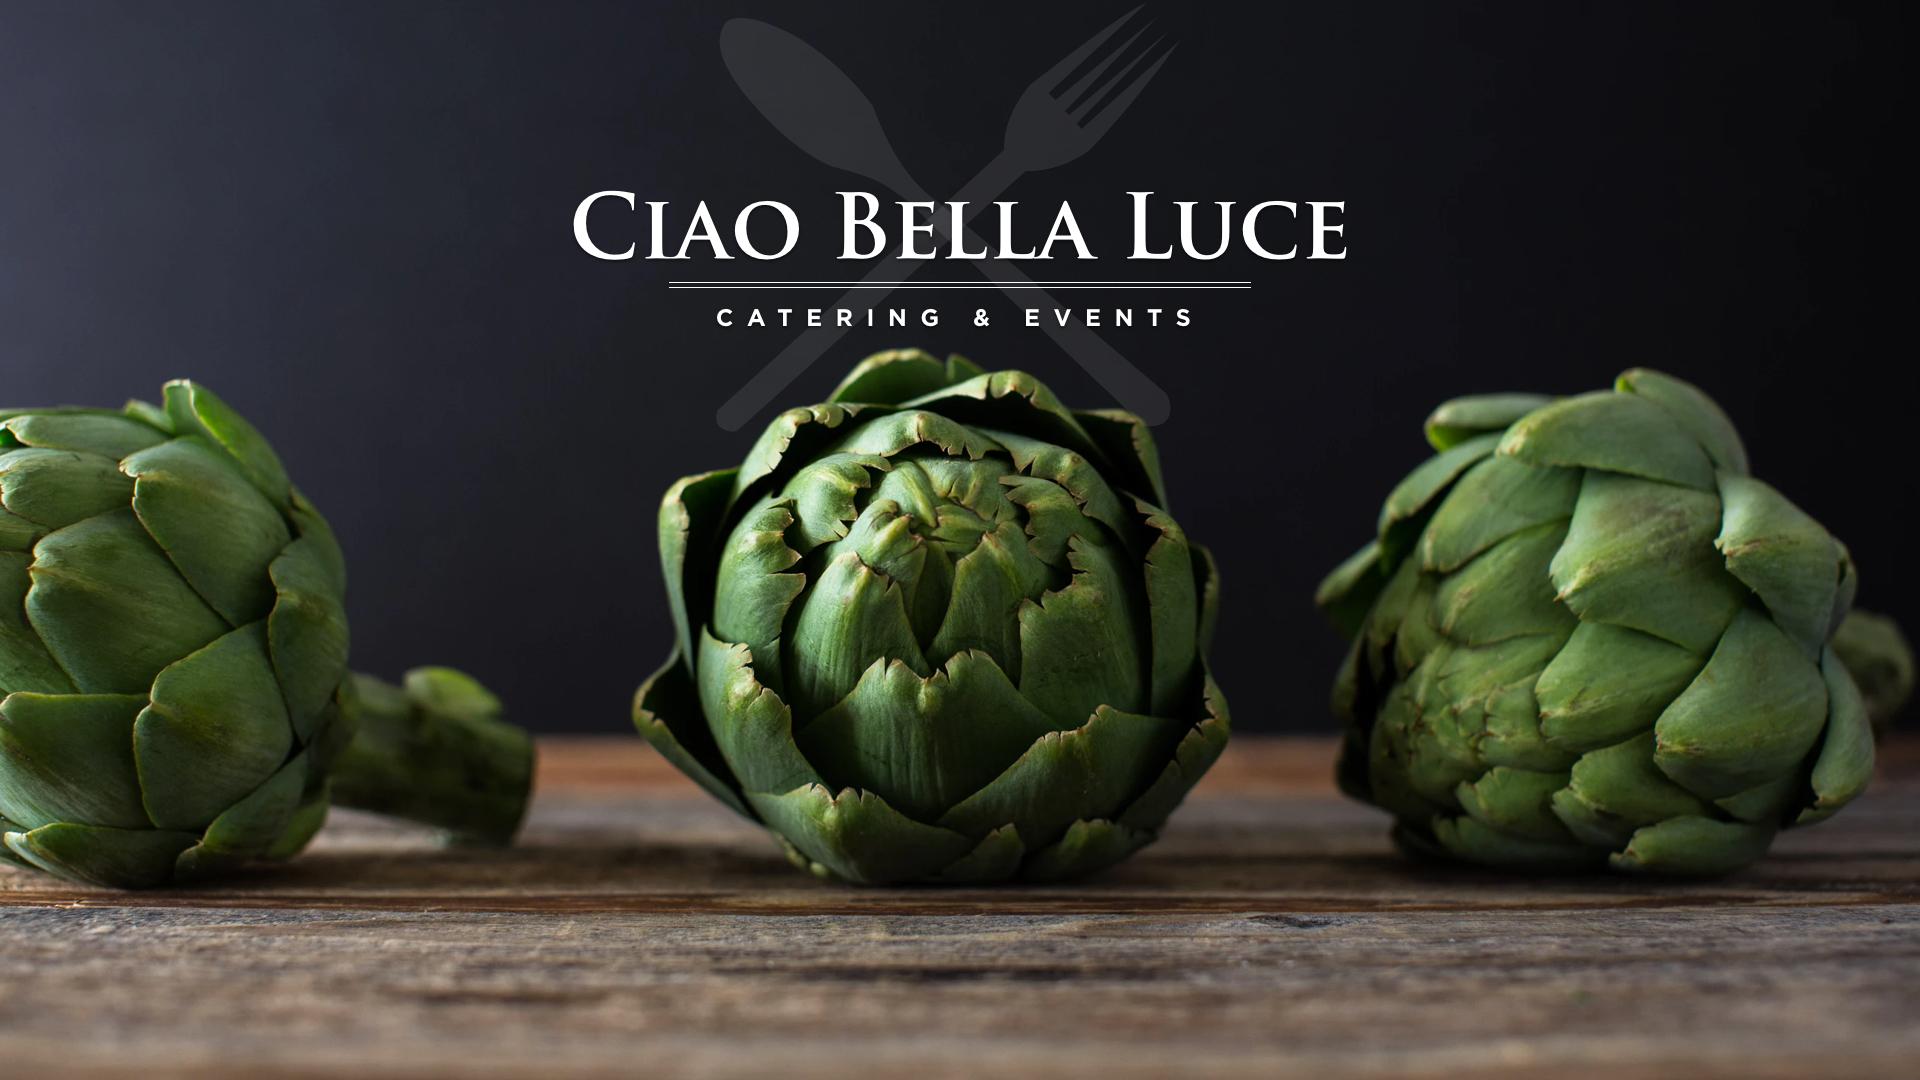 Caio Bella Luce.005.jpg